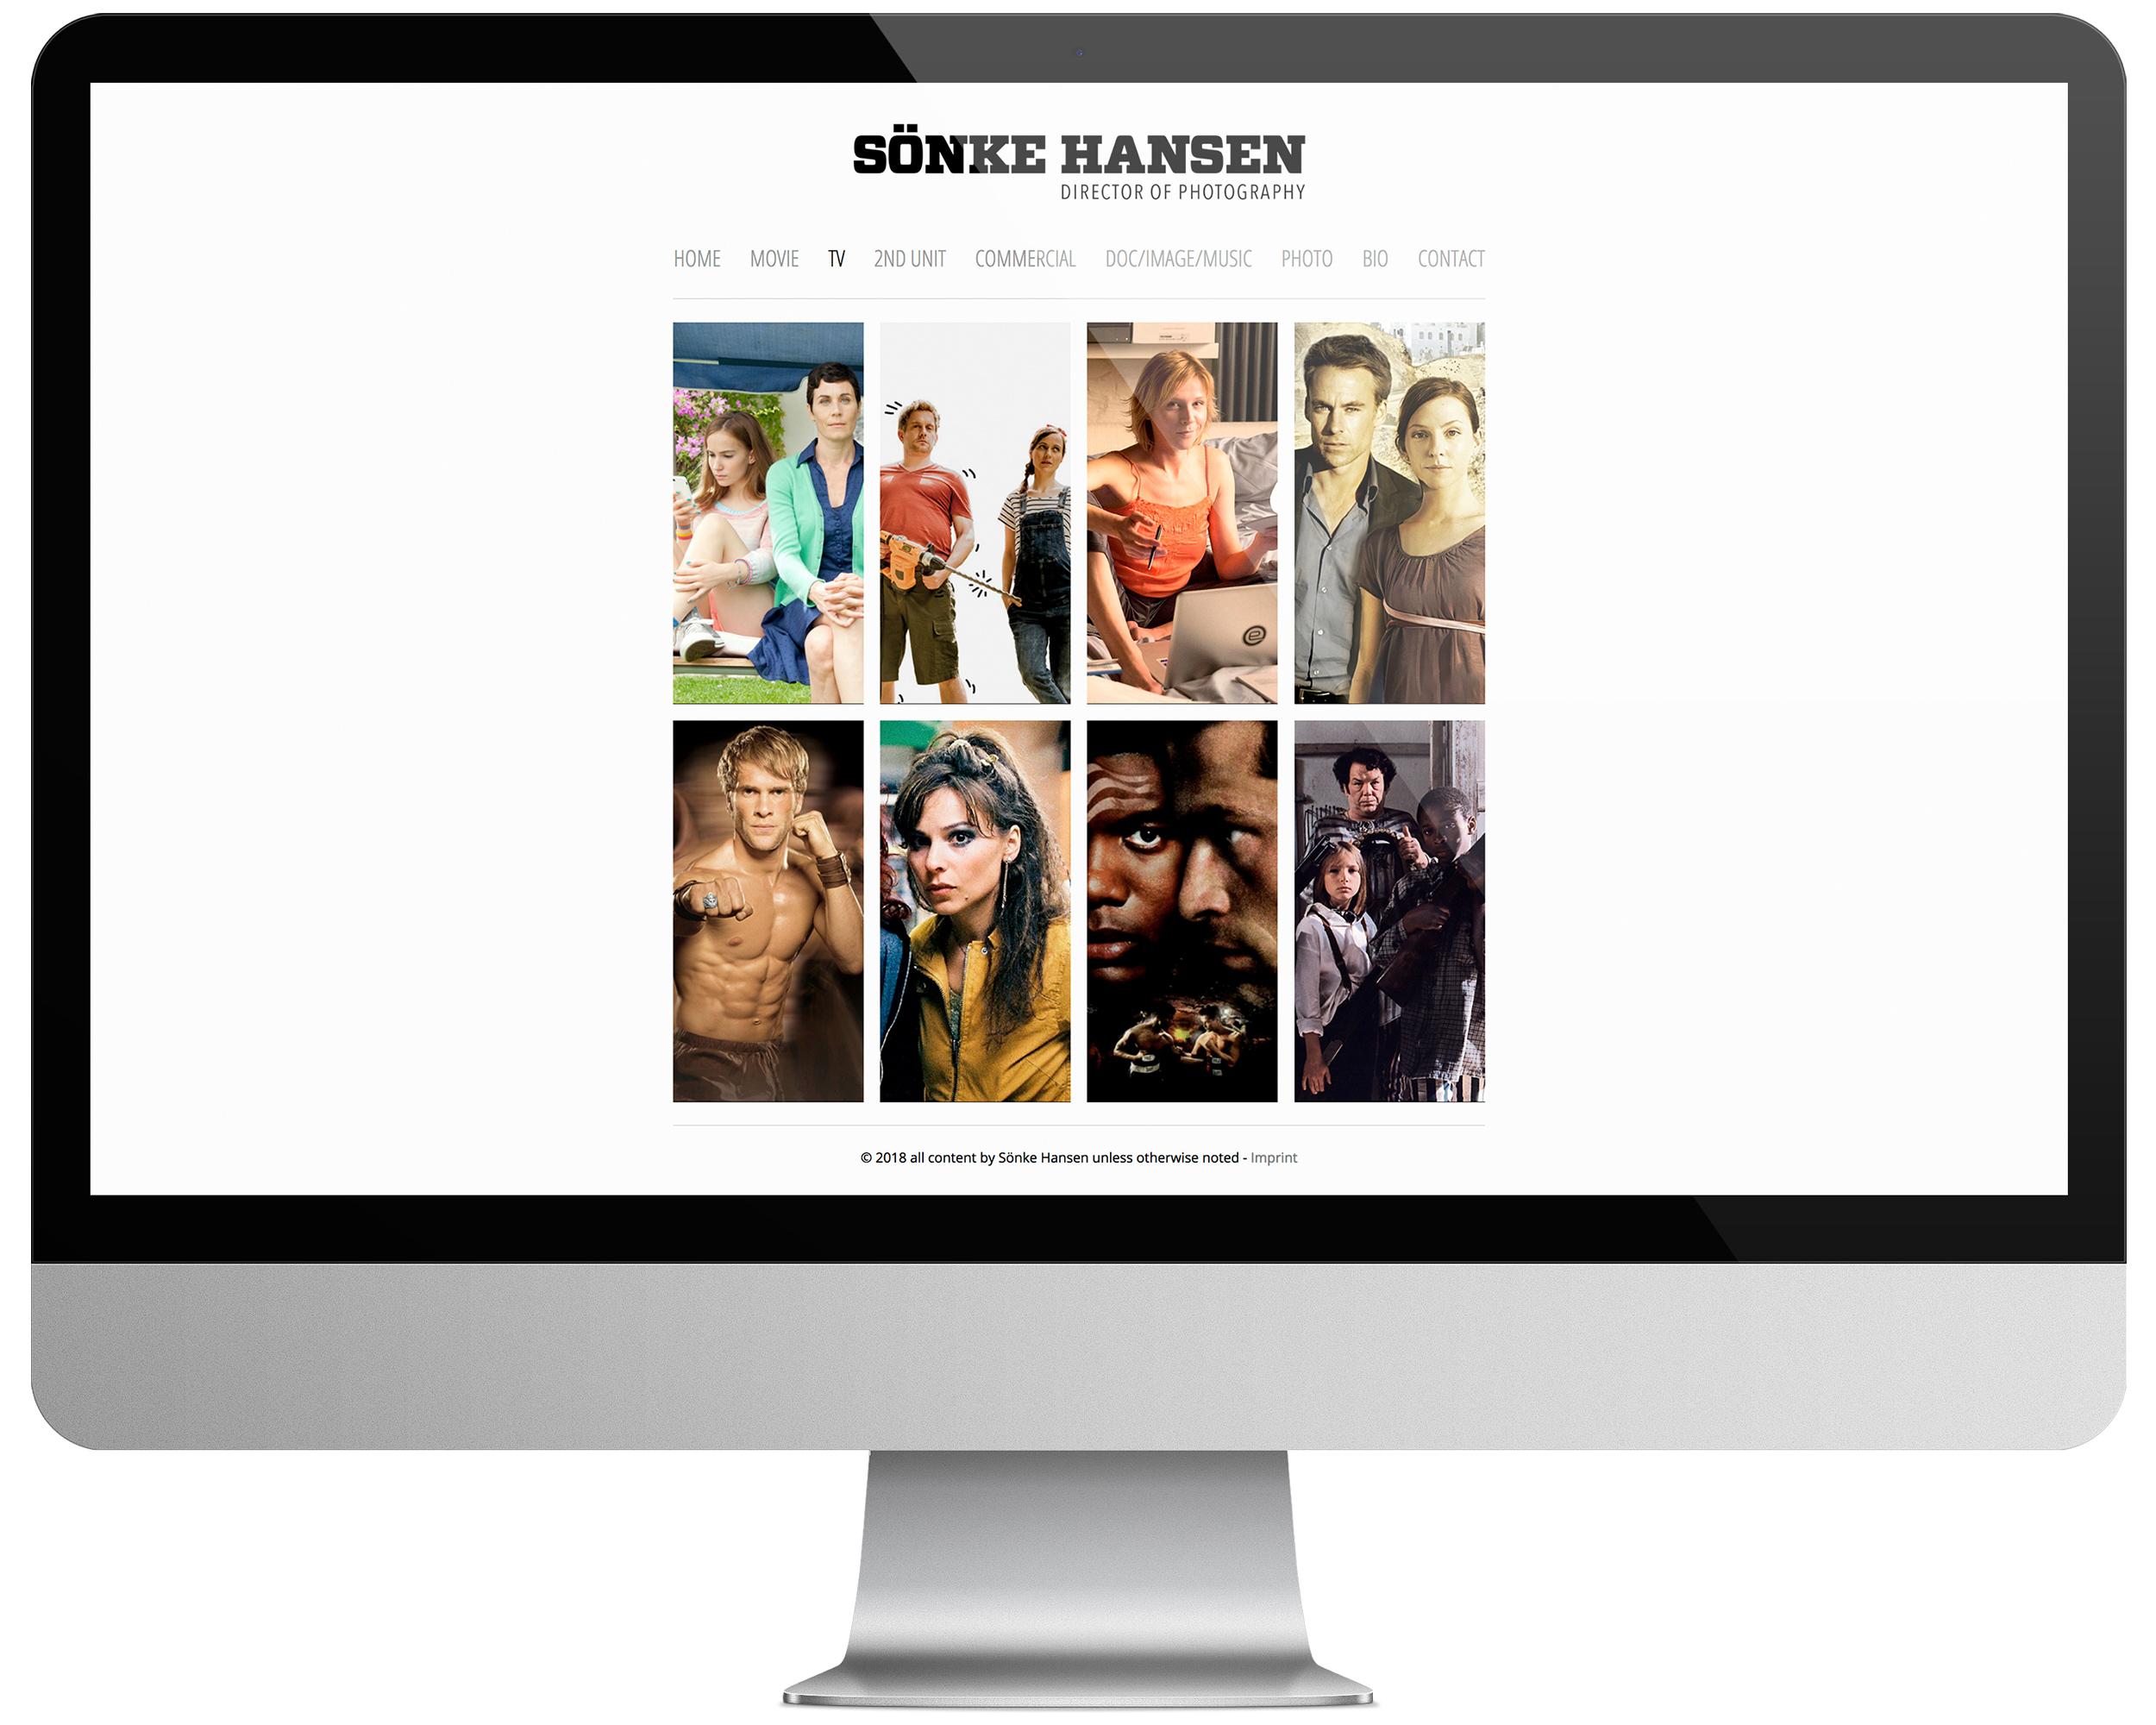 002_Soenke-Hansen_iMAC_2500x2000.jpg